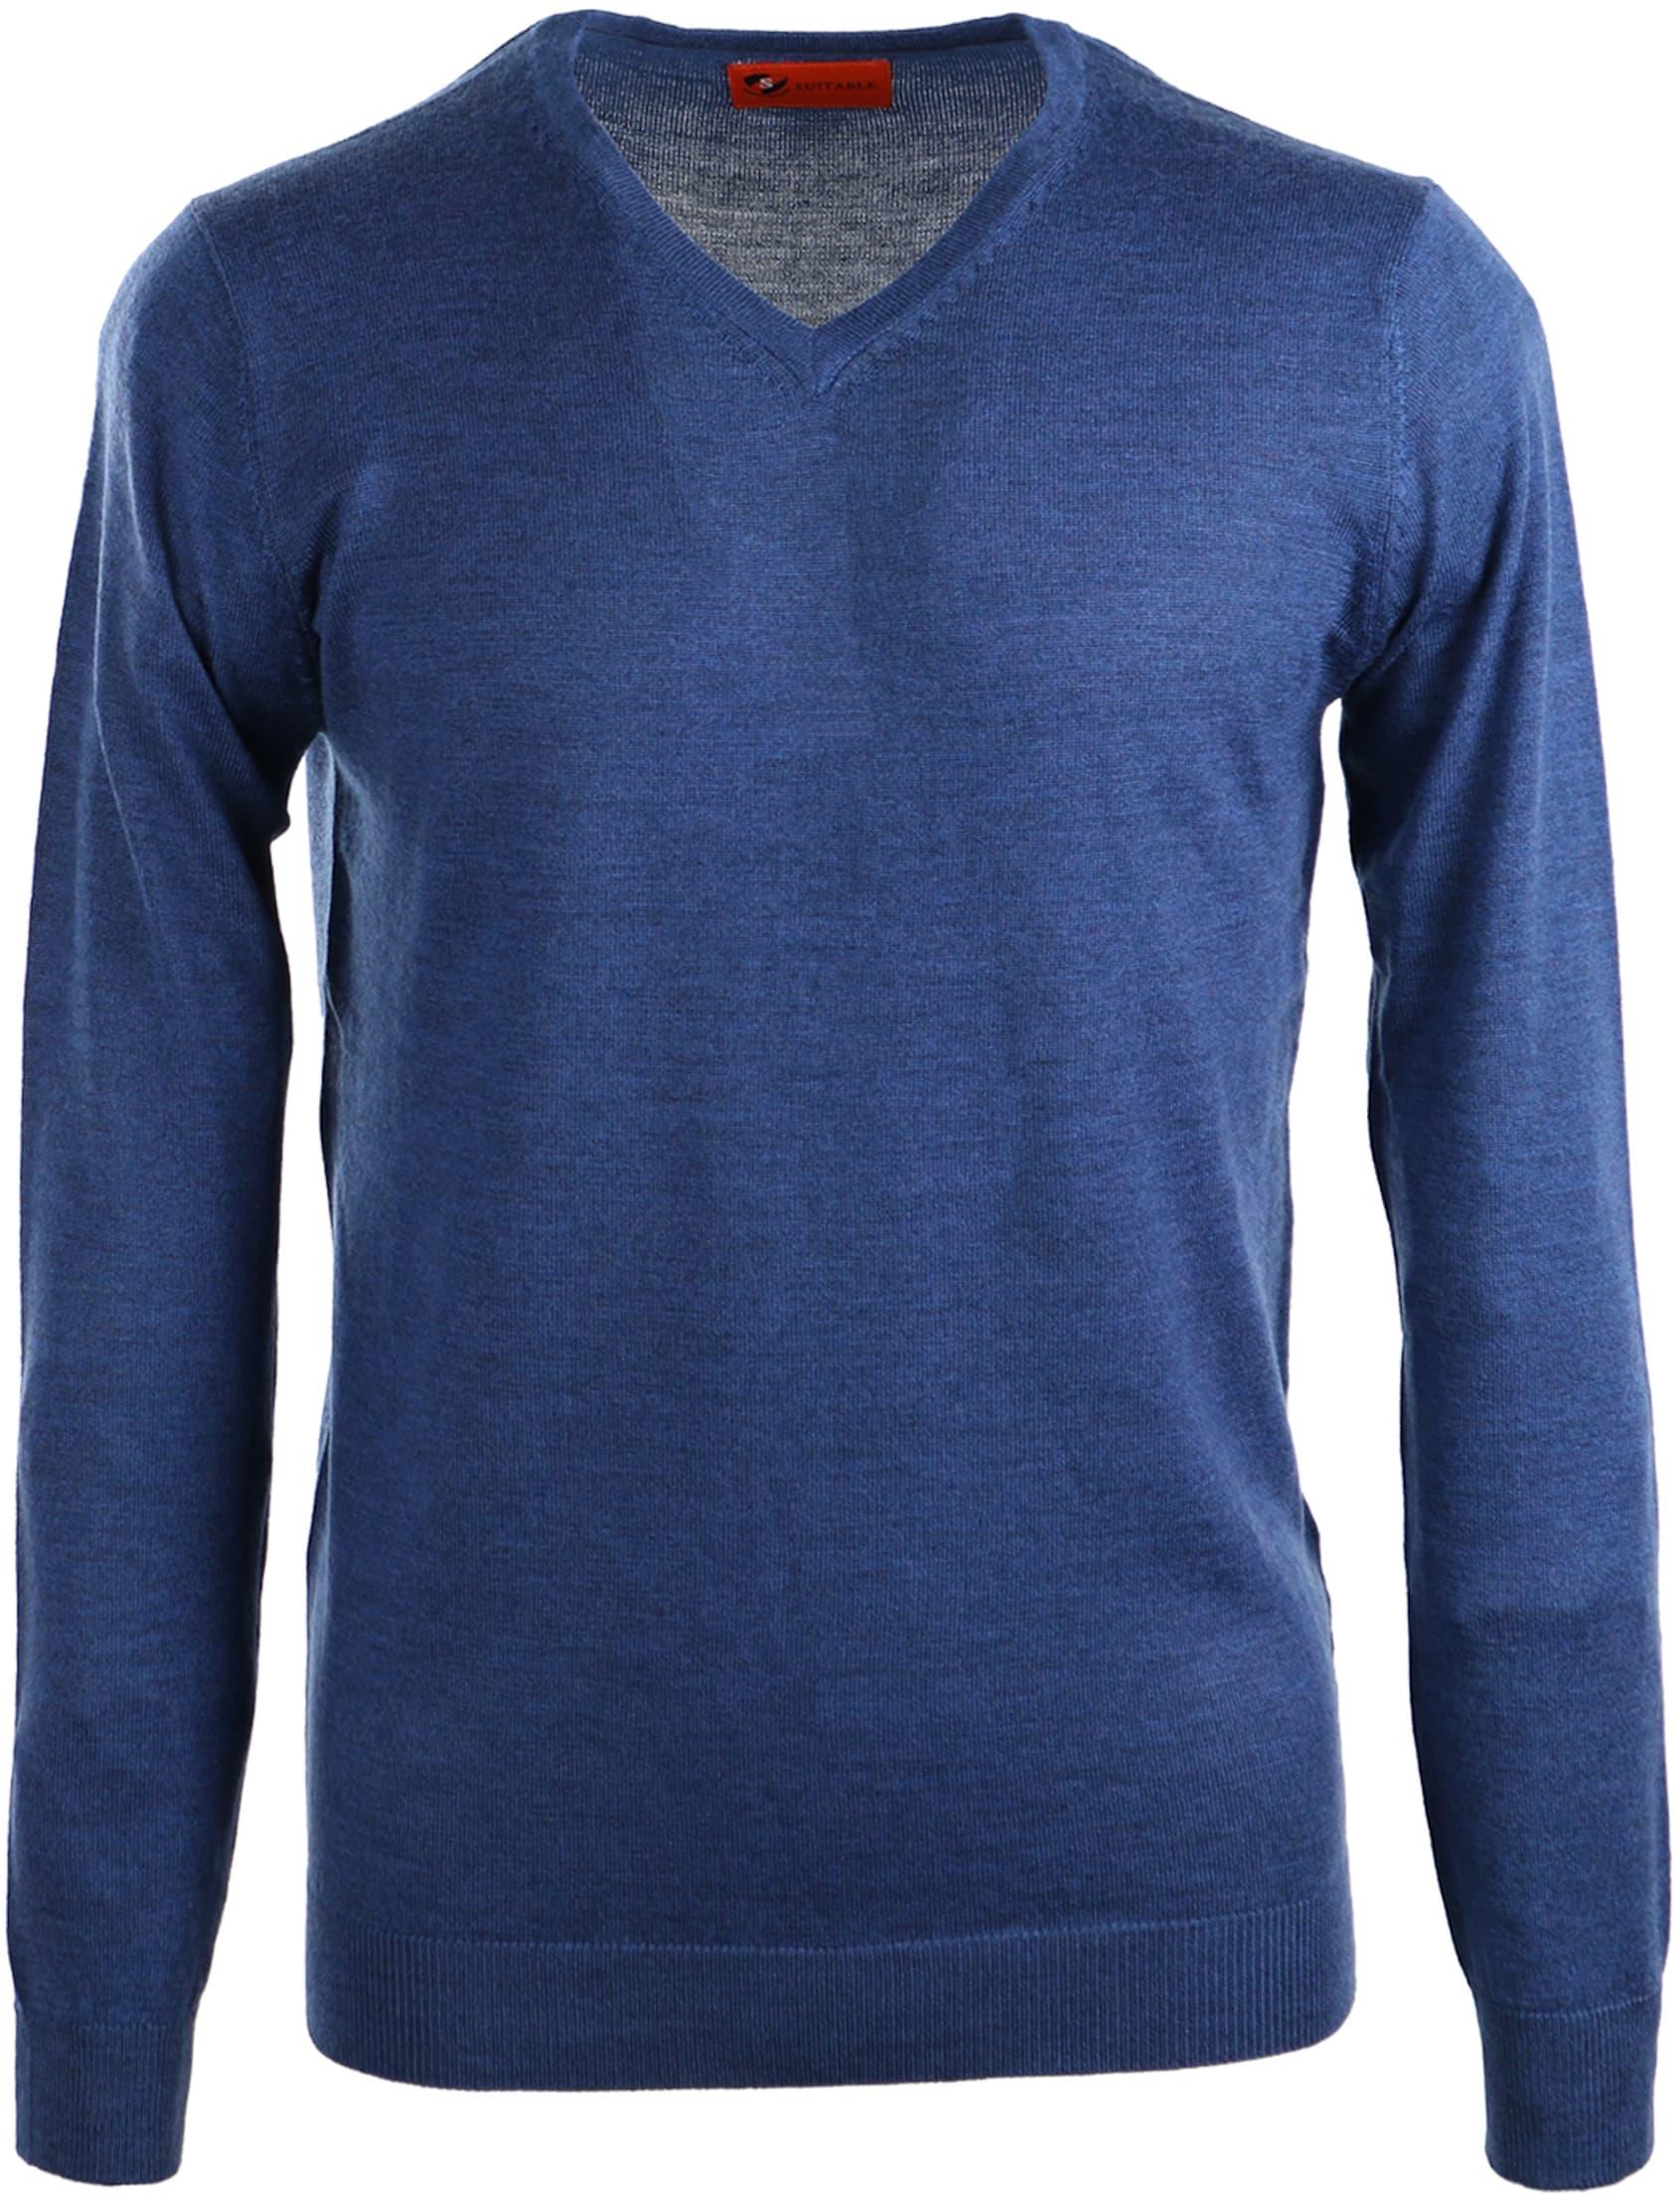 Suitable Pullover Merino Wol Indigo Blauw foto 0